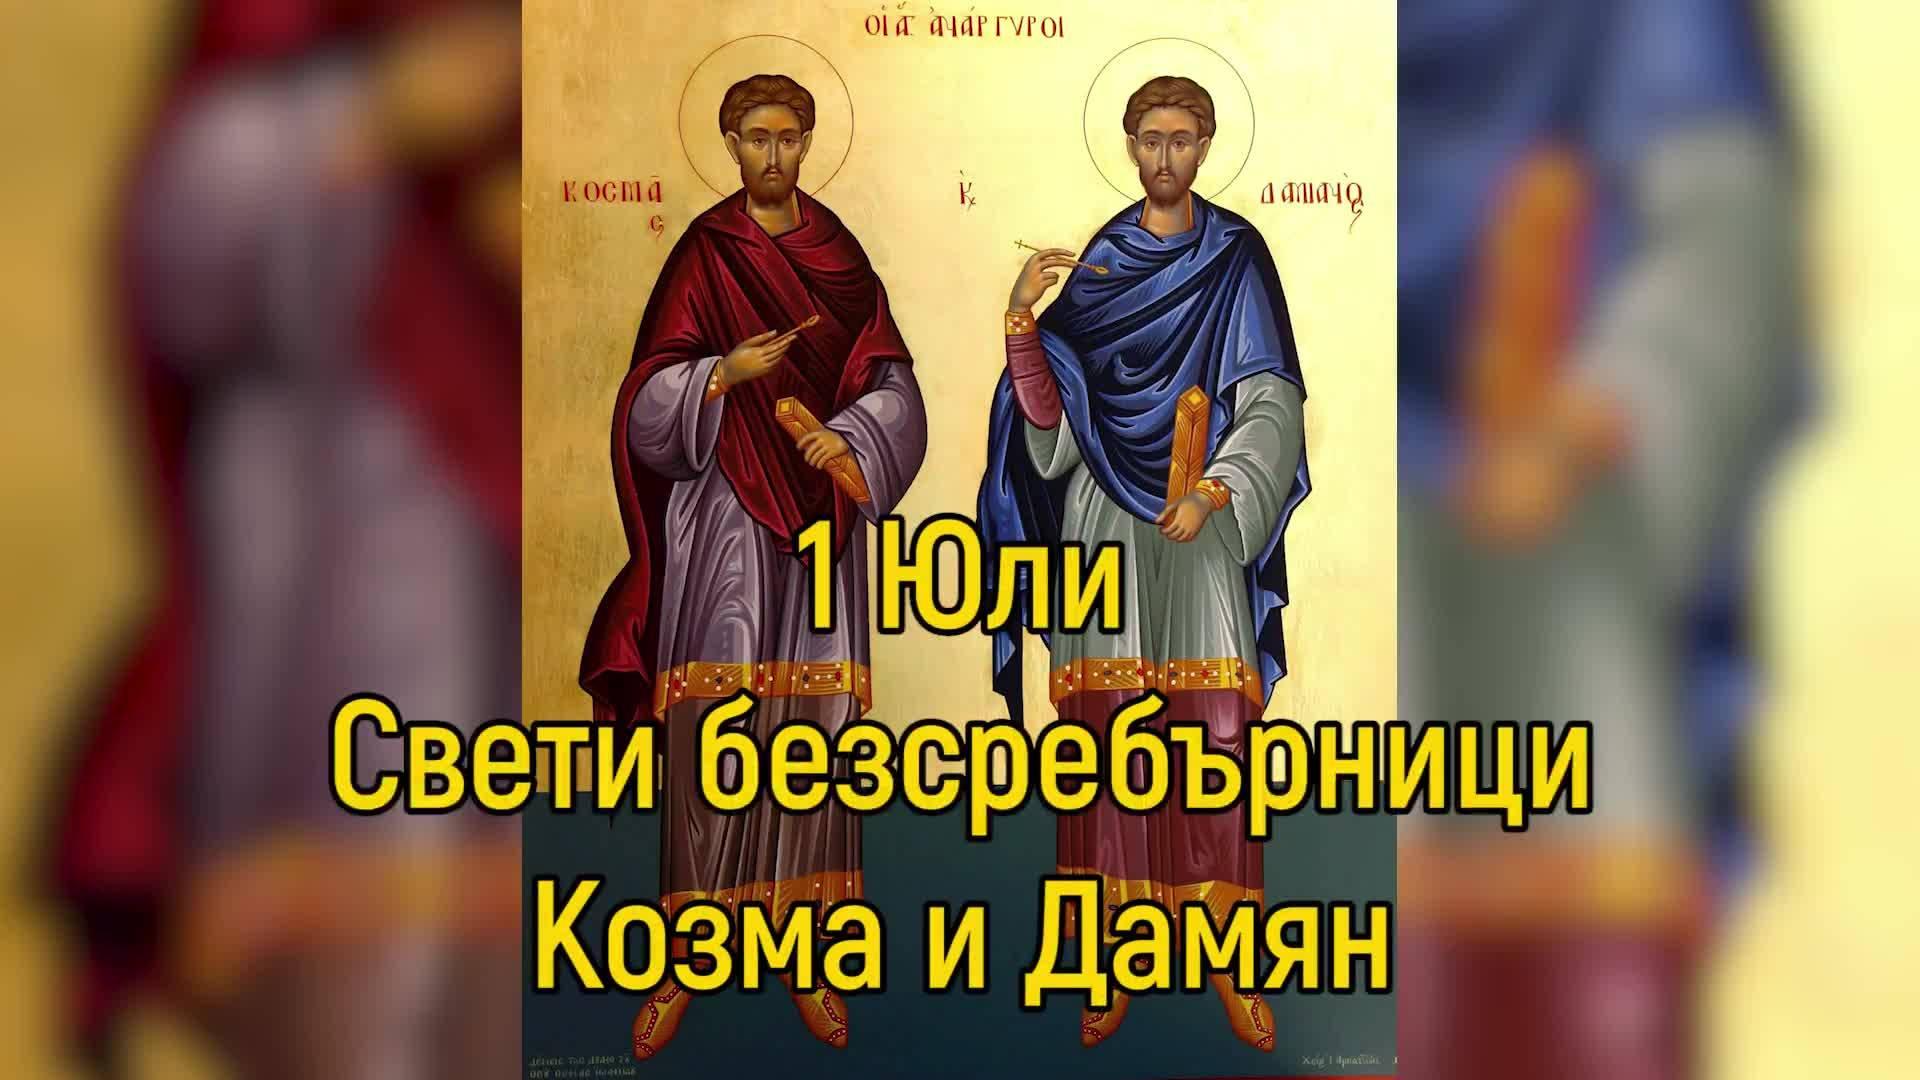 1 Юли - Свети безсребърници Козма и Дамян